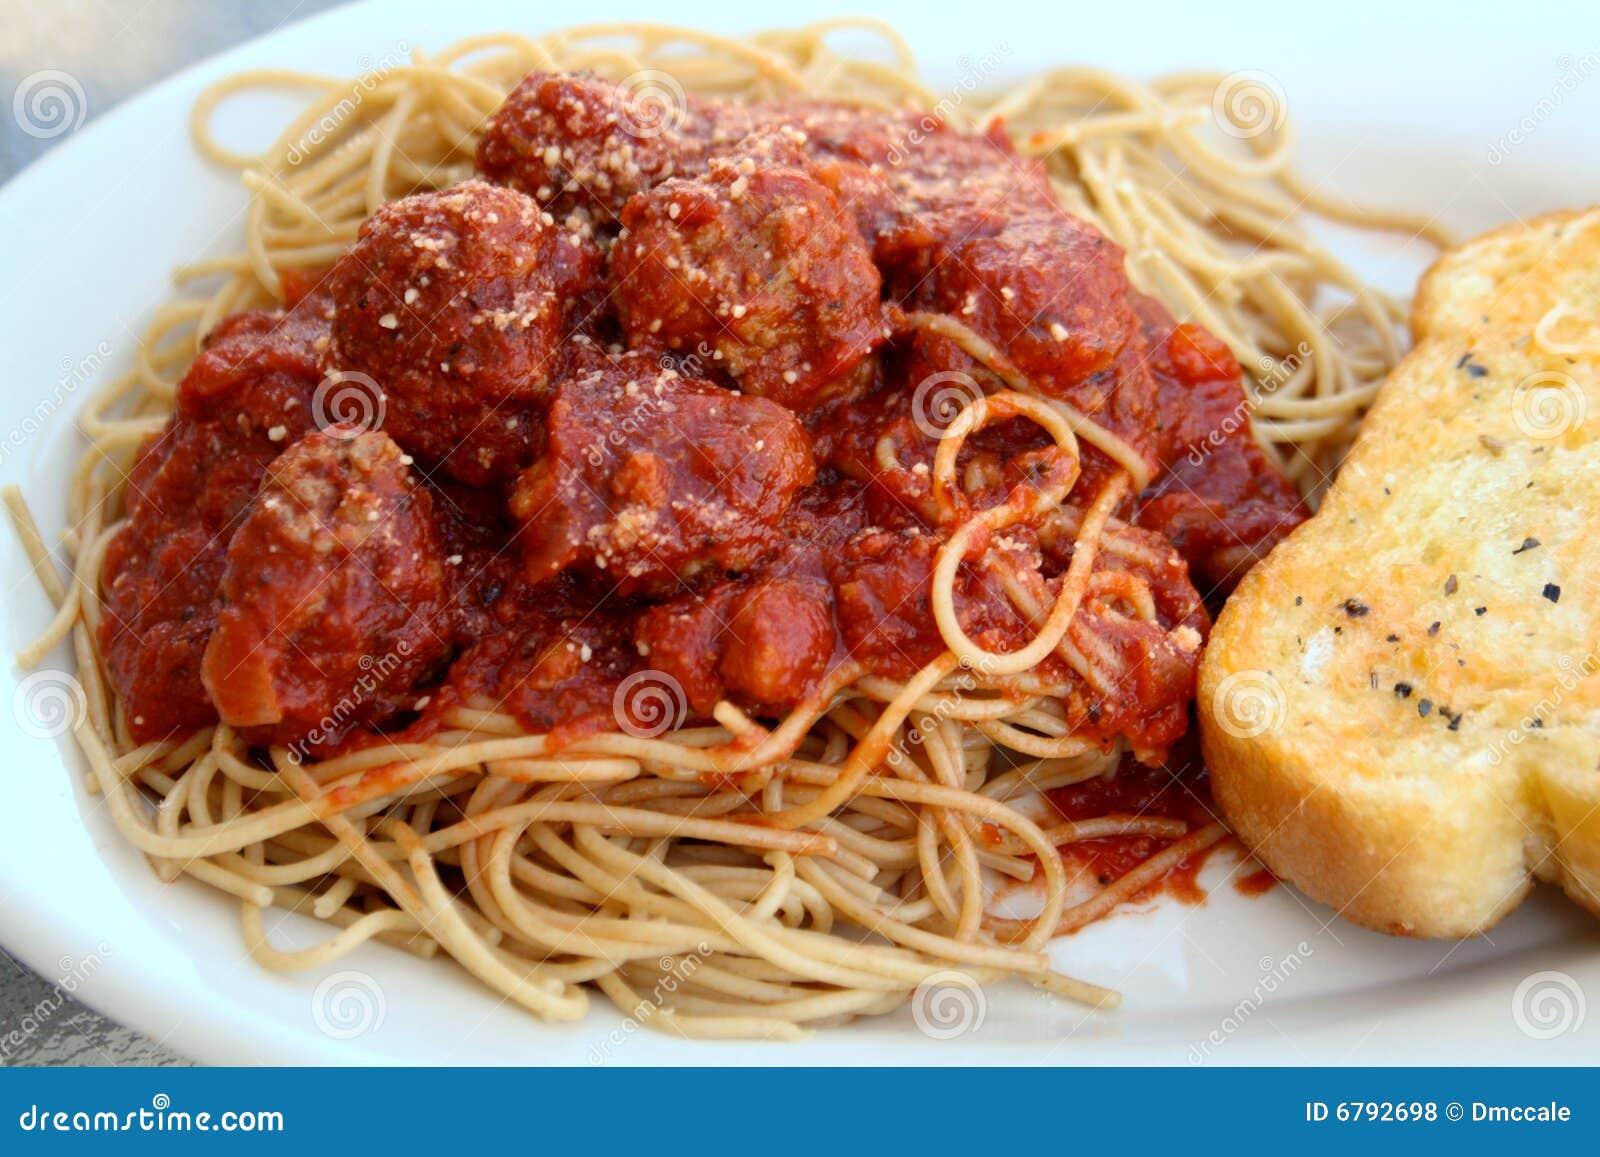 Old Fashioned Spaghetti Recipe